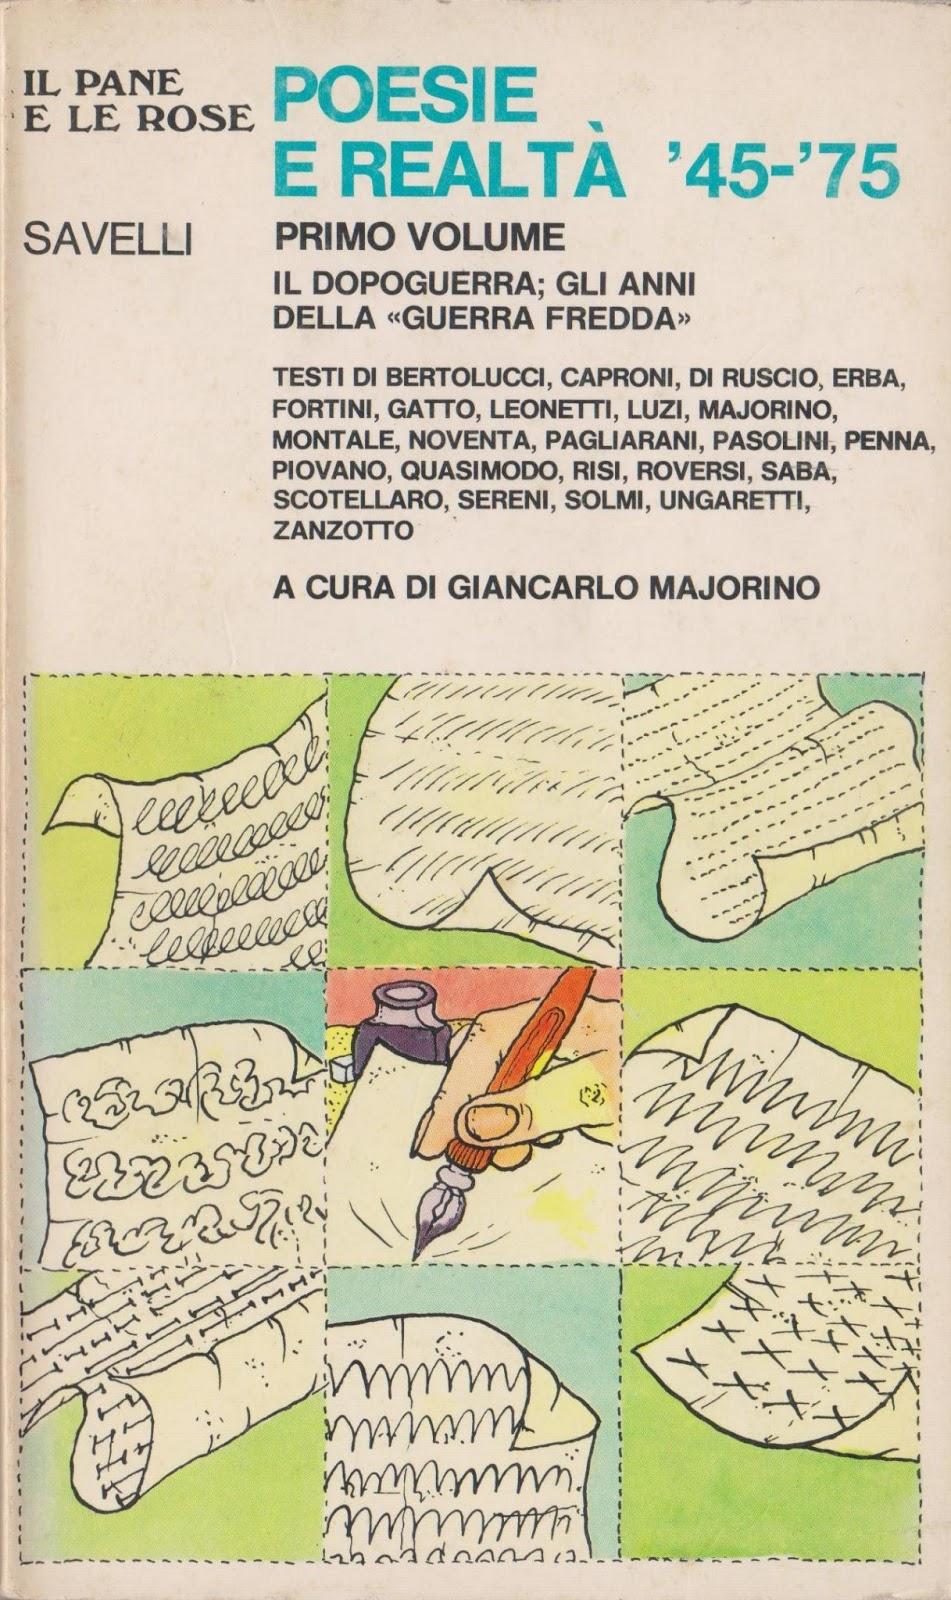 Poesie e realtà '45-'75